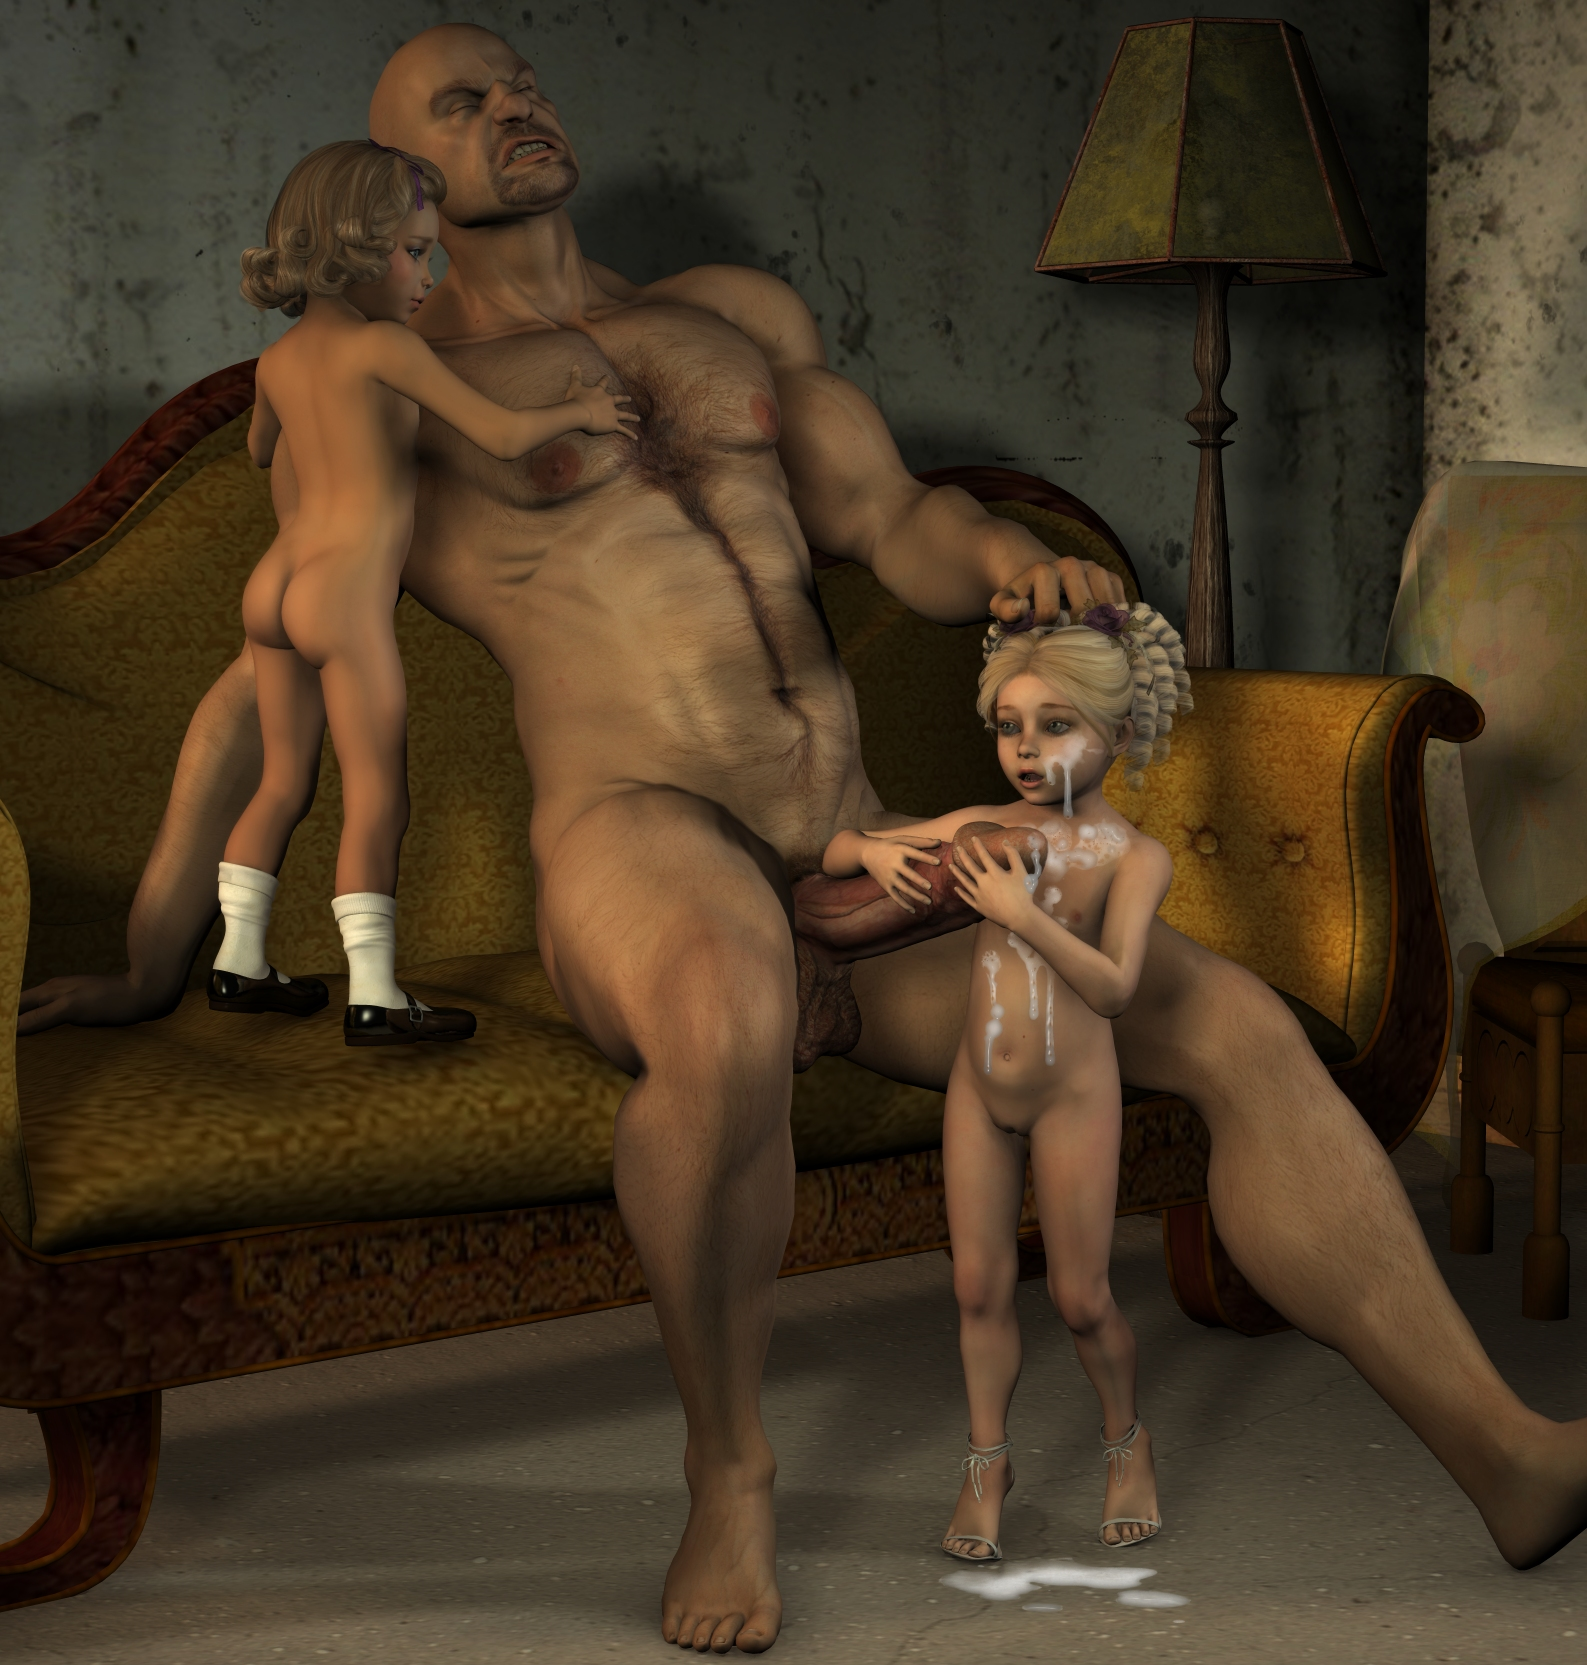 Cumshot 3d incest nackt private girls